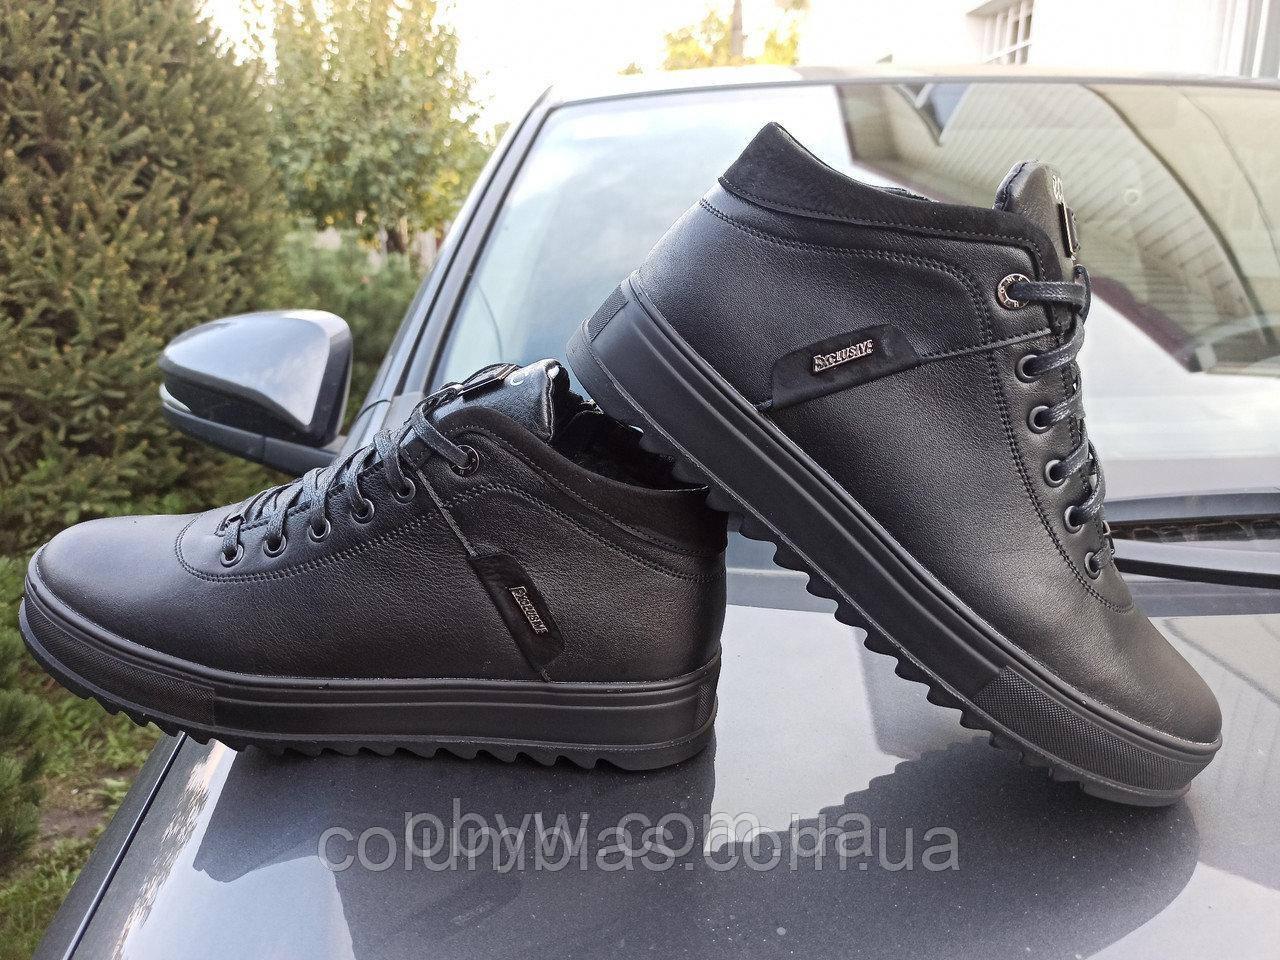 Зимові черевики на замочку, натуральна шкіра